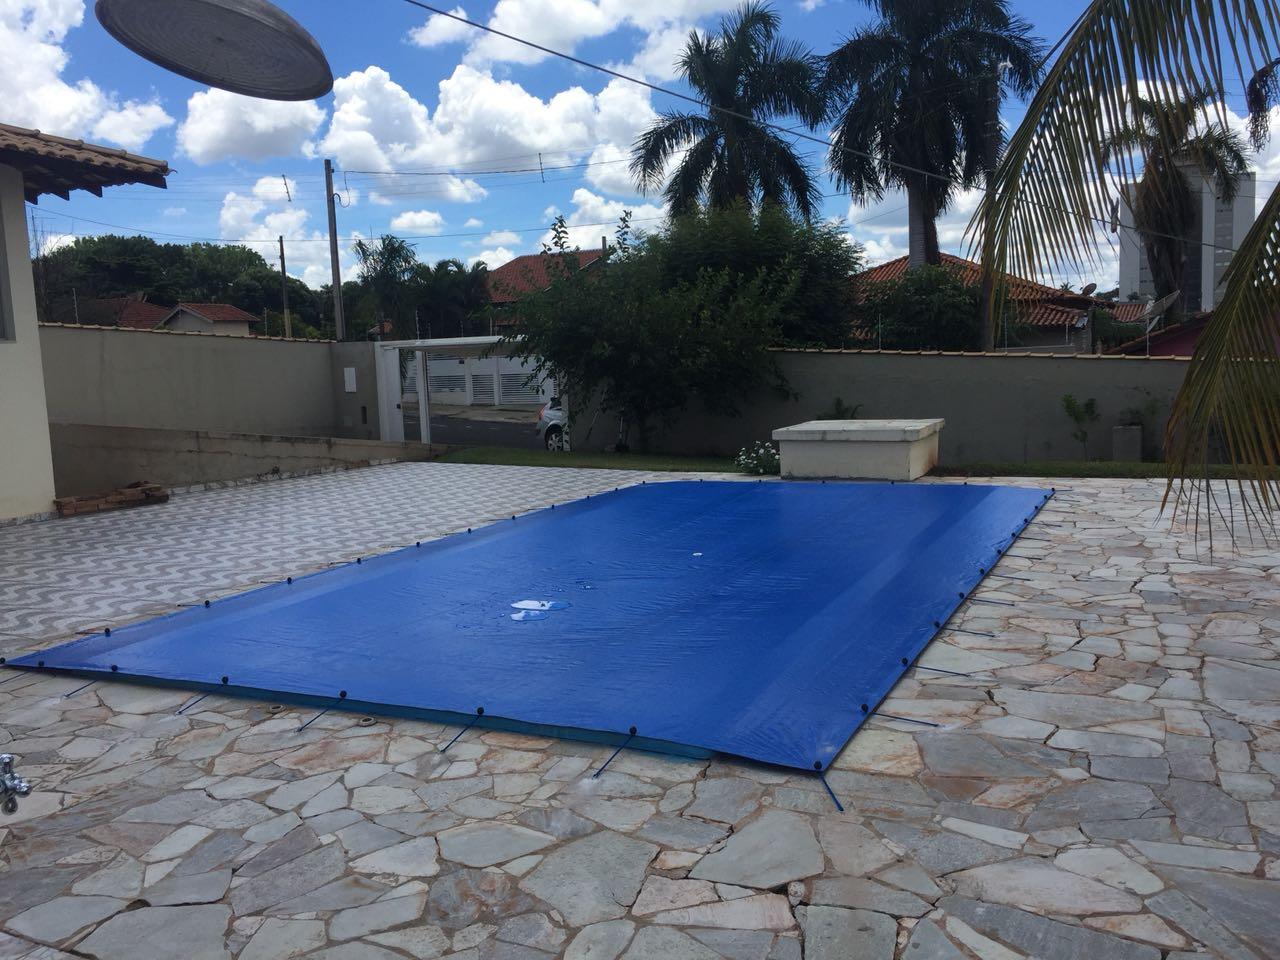 Capa para Piscina Proteção Azul 300 Micras - 7x5,5